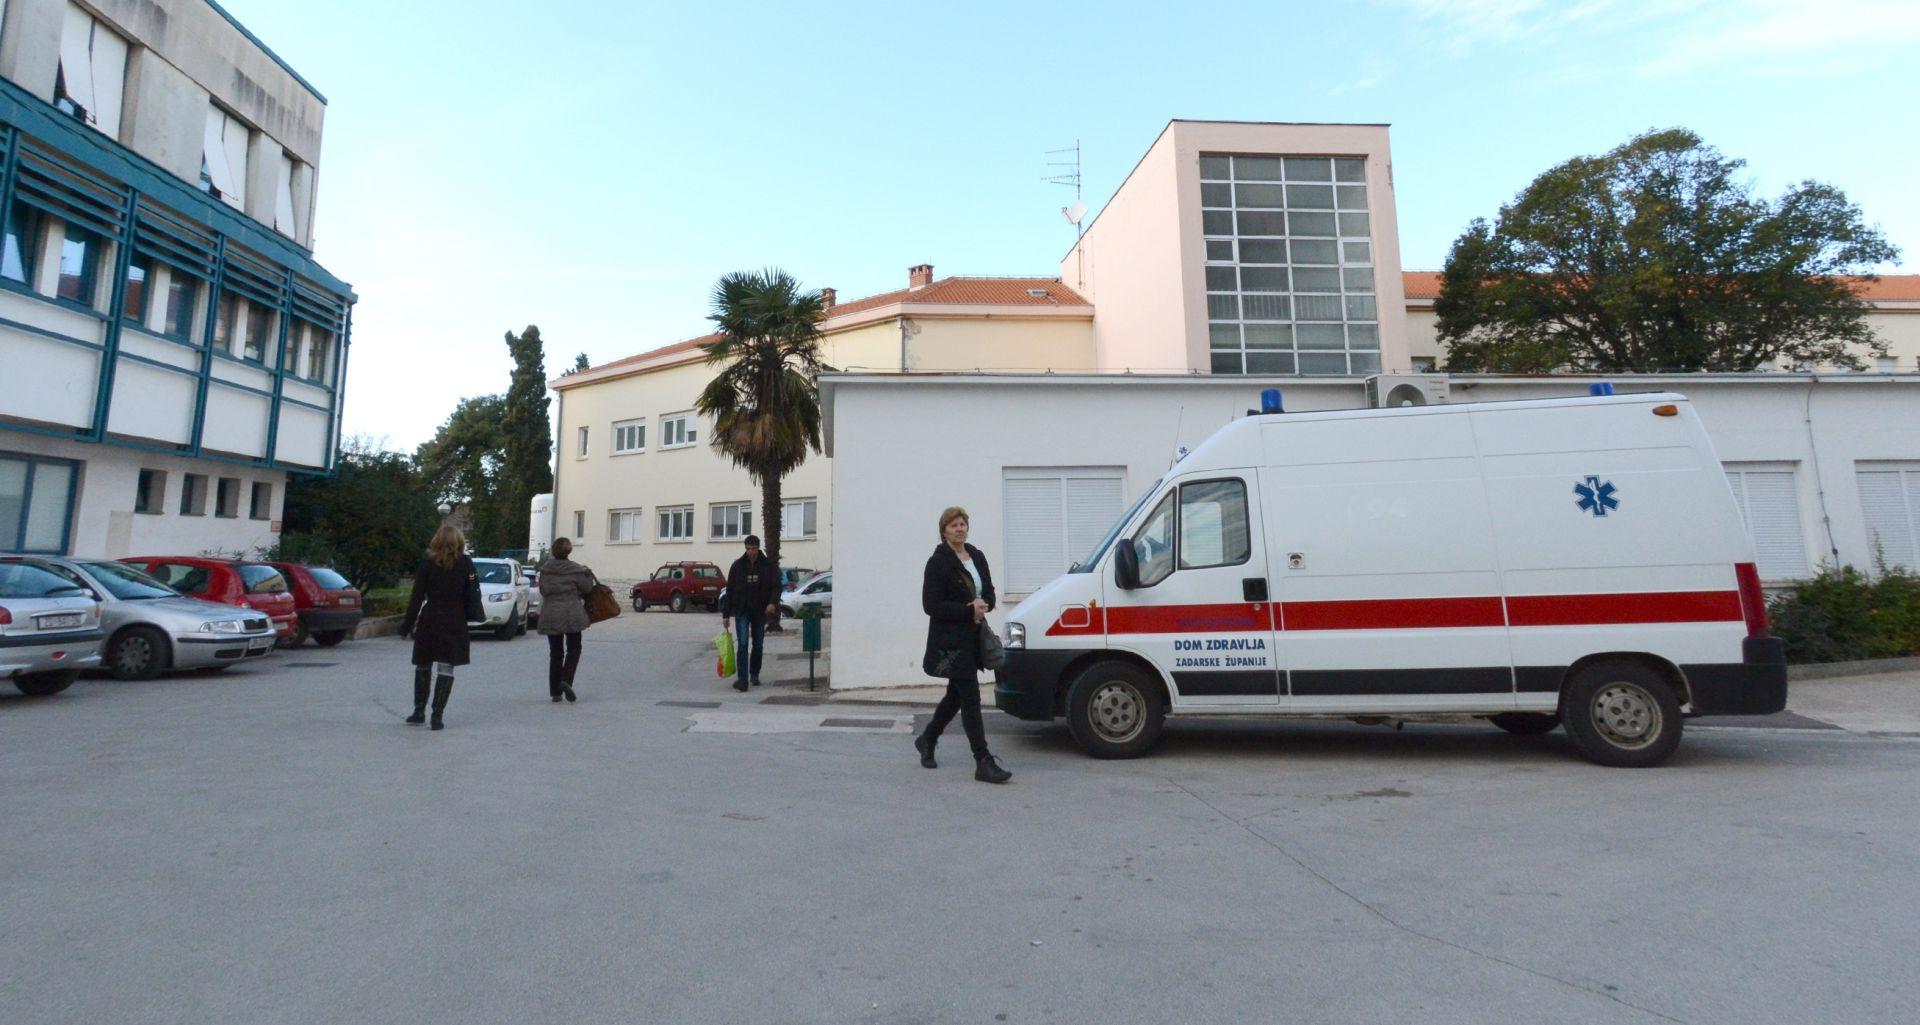 MARINA BIOGRAD: Eksplodirala boca sa poliuretanskom pjenom, dvojica ozlijeđena